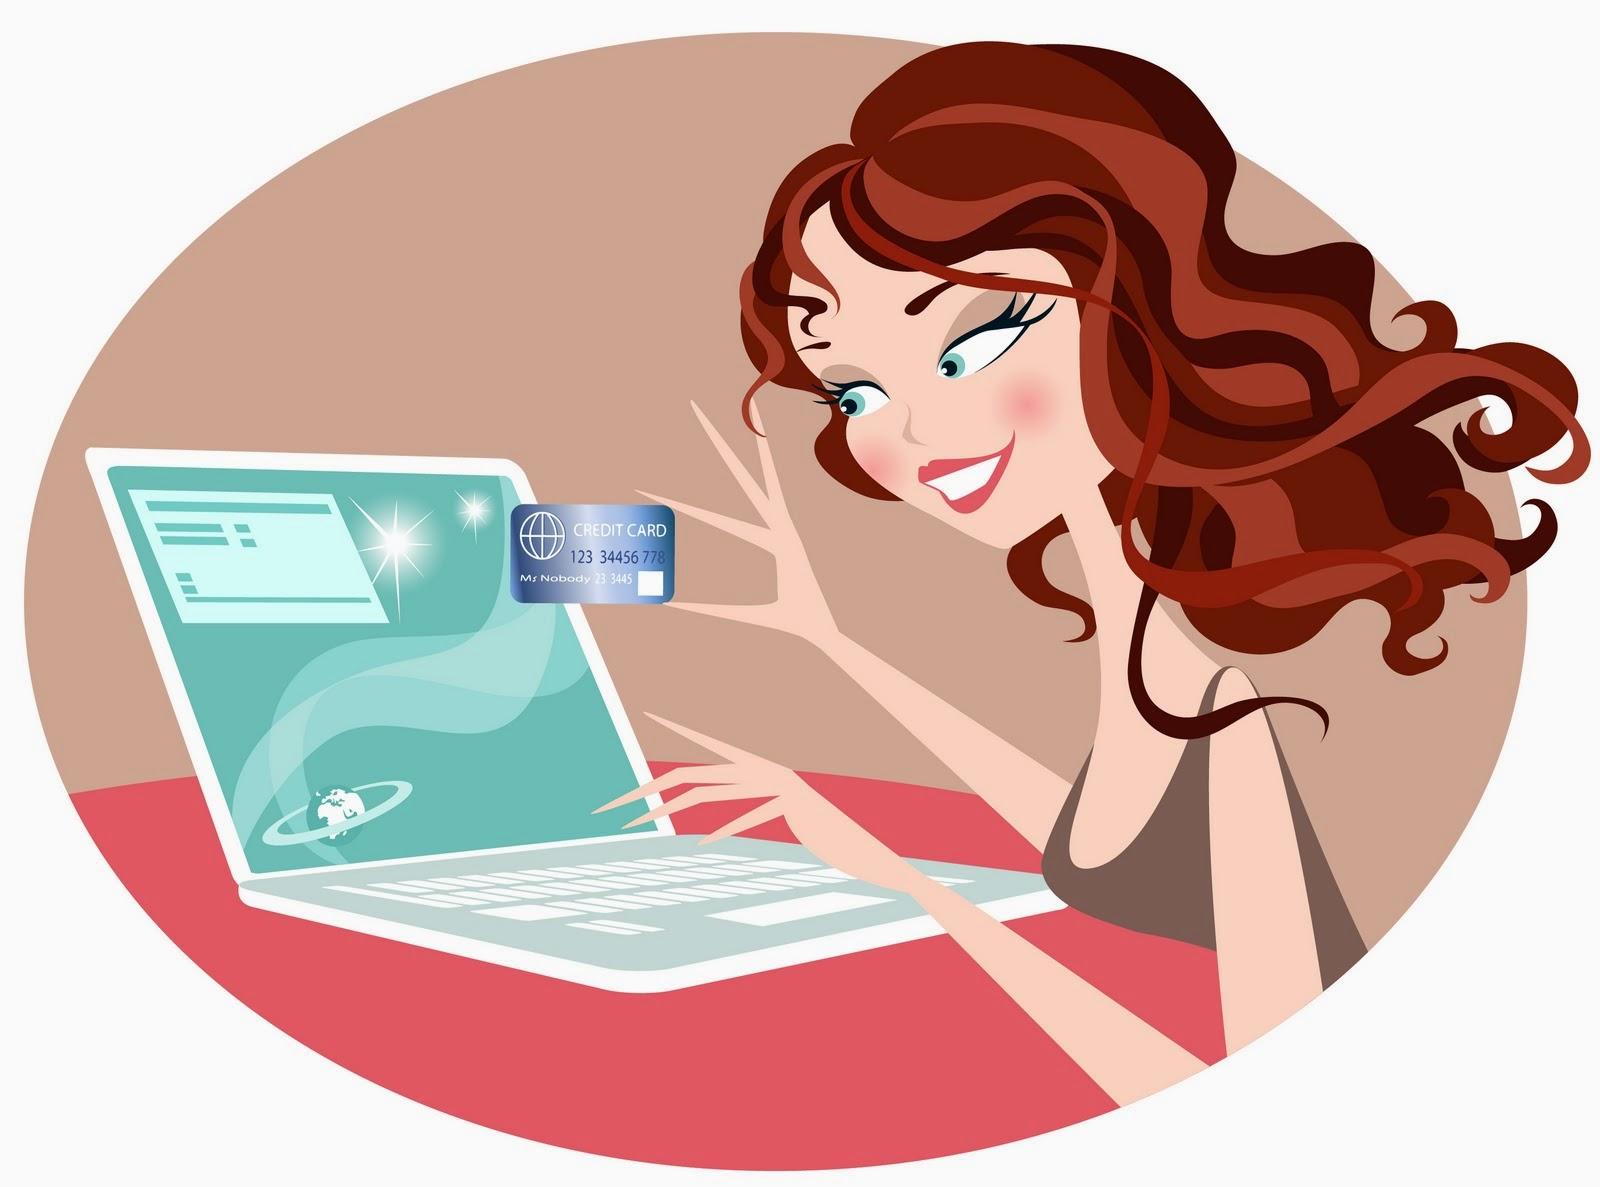 alışveriş sitesi, internetten alışveriş siteleri, alışveriş çılgınlığı, hesaplı alışveriş, indirim, puan, internet alışveriş, elbise satın al, giyim siteleri